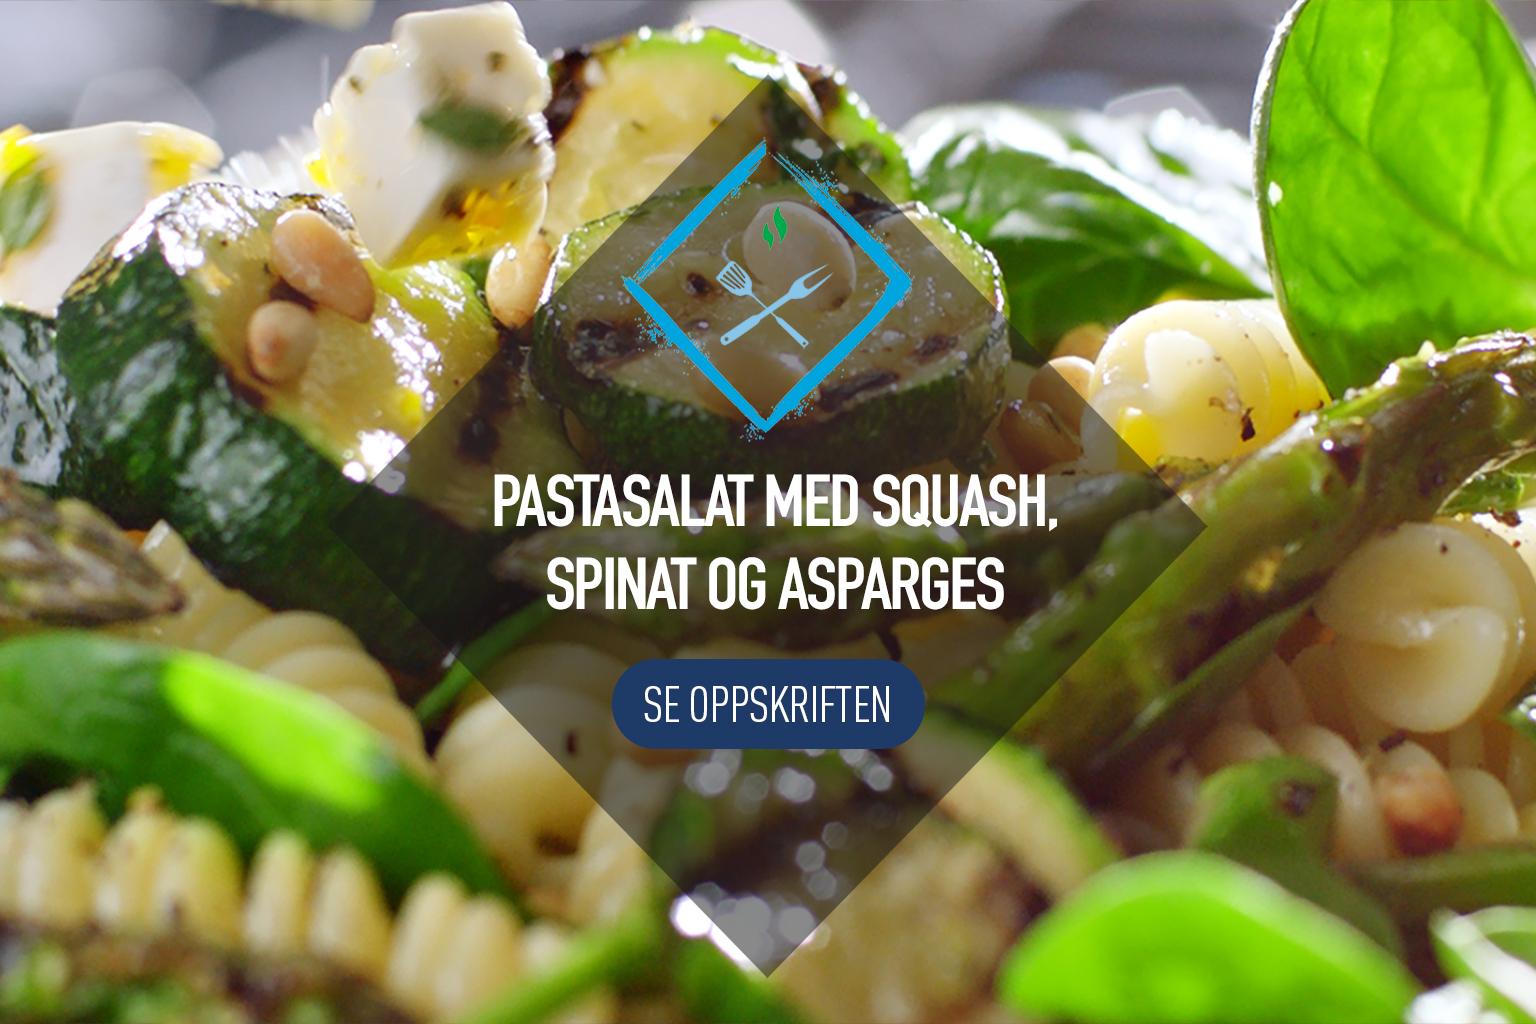 Pastasalat med squash, spinat, asparges og Apetina